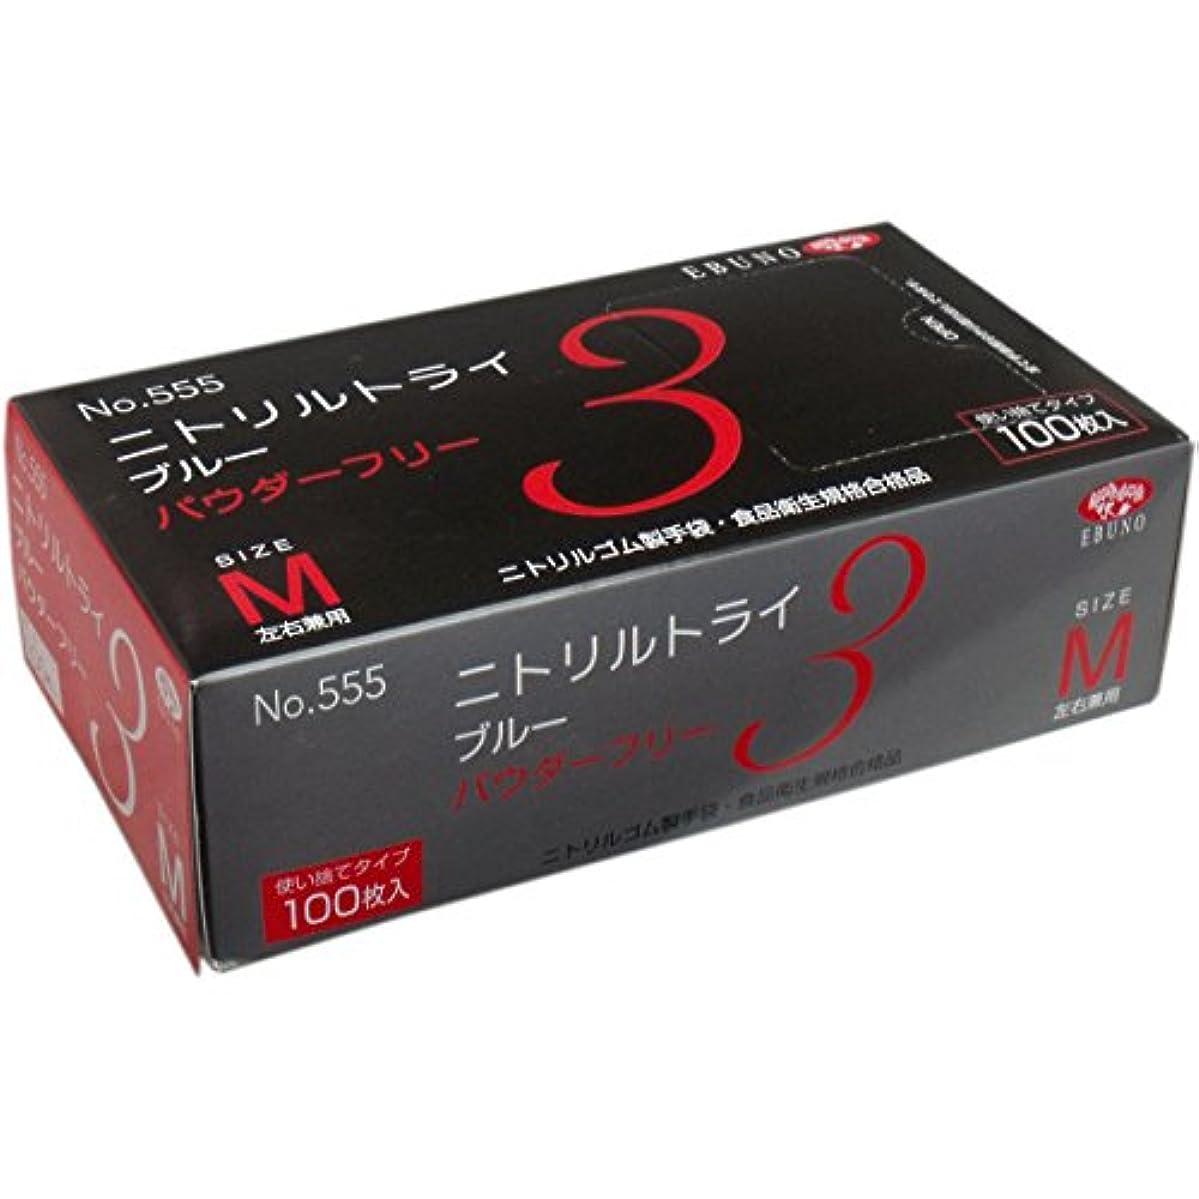 ニトリルトライ3 手袋 ブルー パウダーフリー Mサイズ 100枚入×10個セット